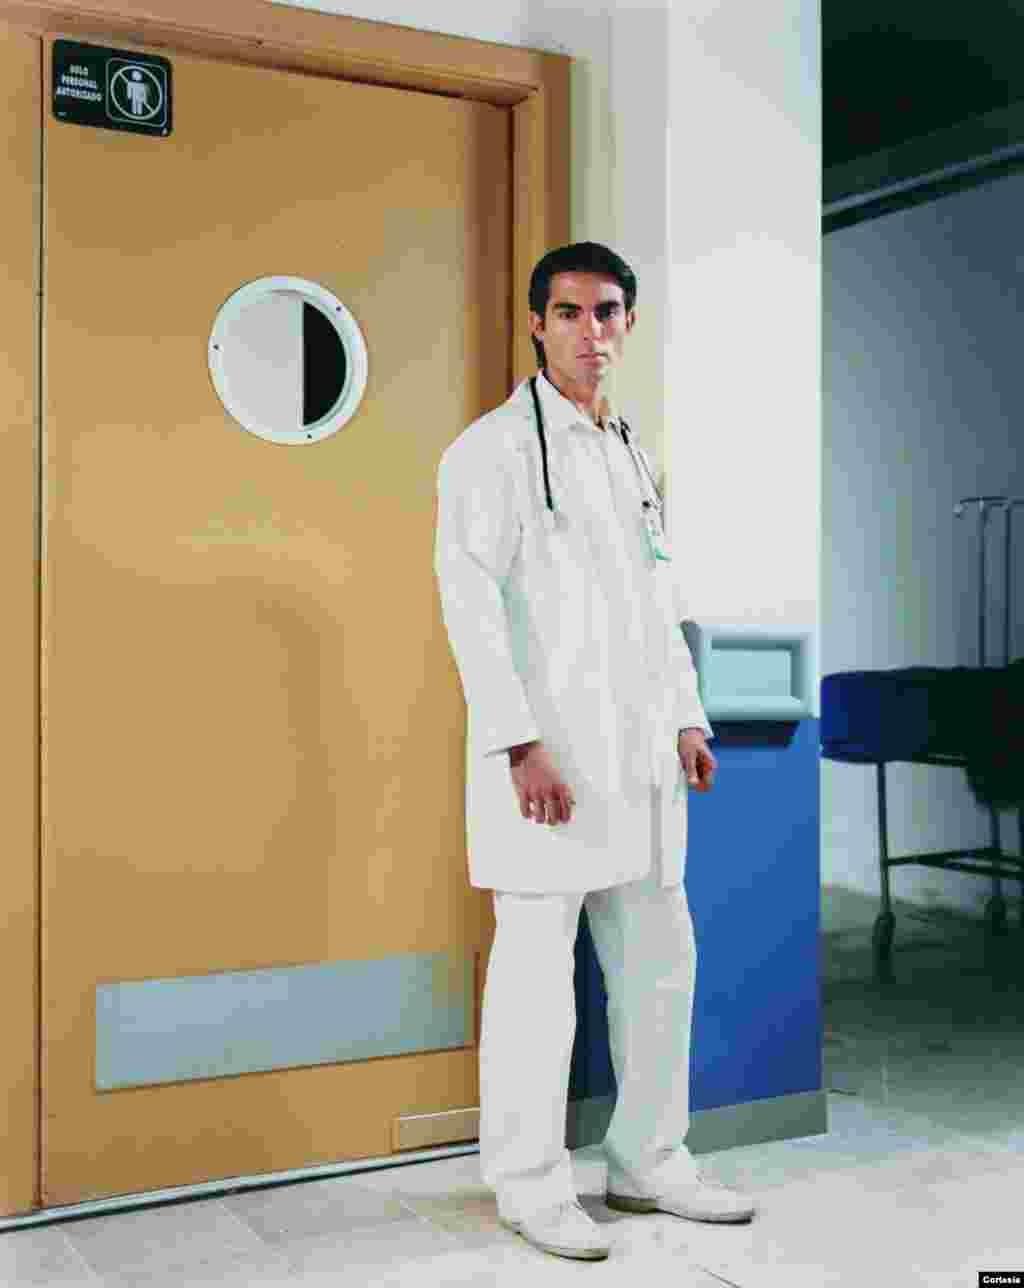 Stefan Ruiz www.stefanruiz.com